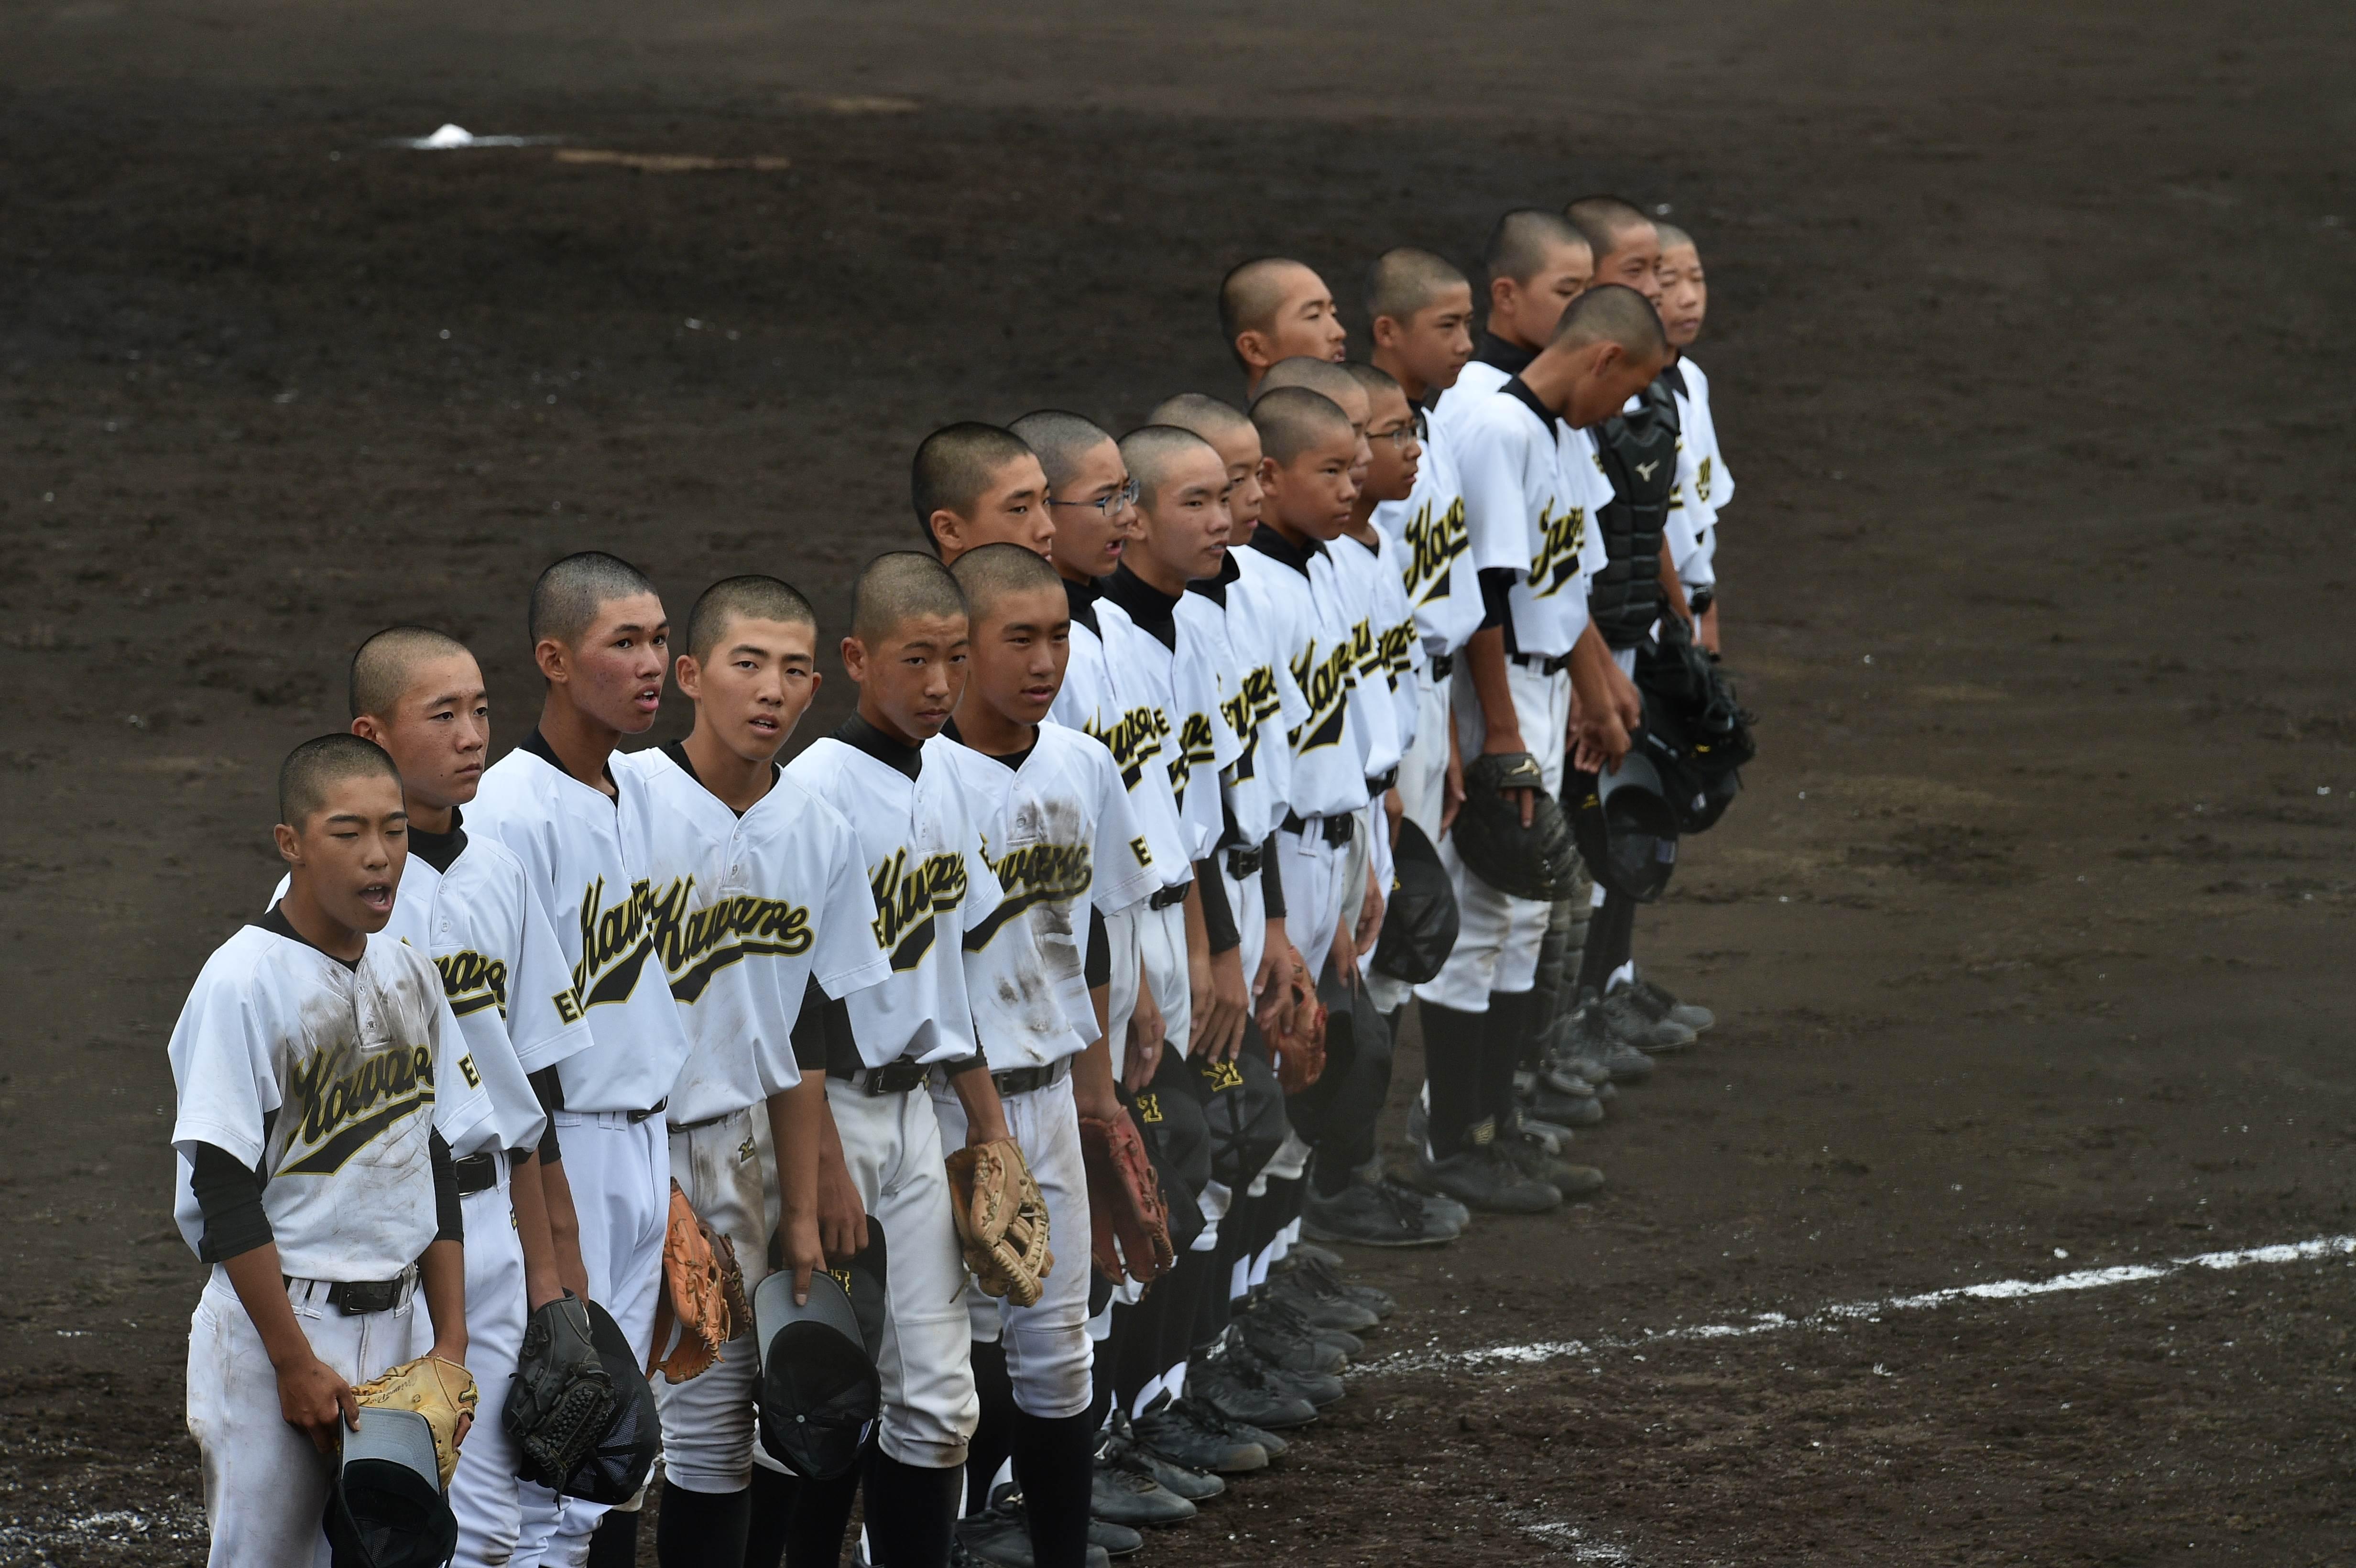 軟式野球 (461)